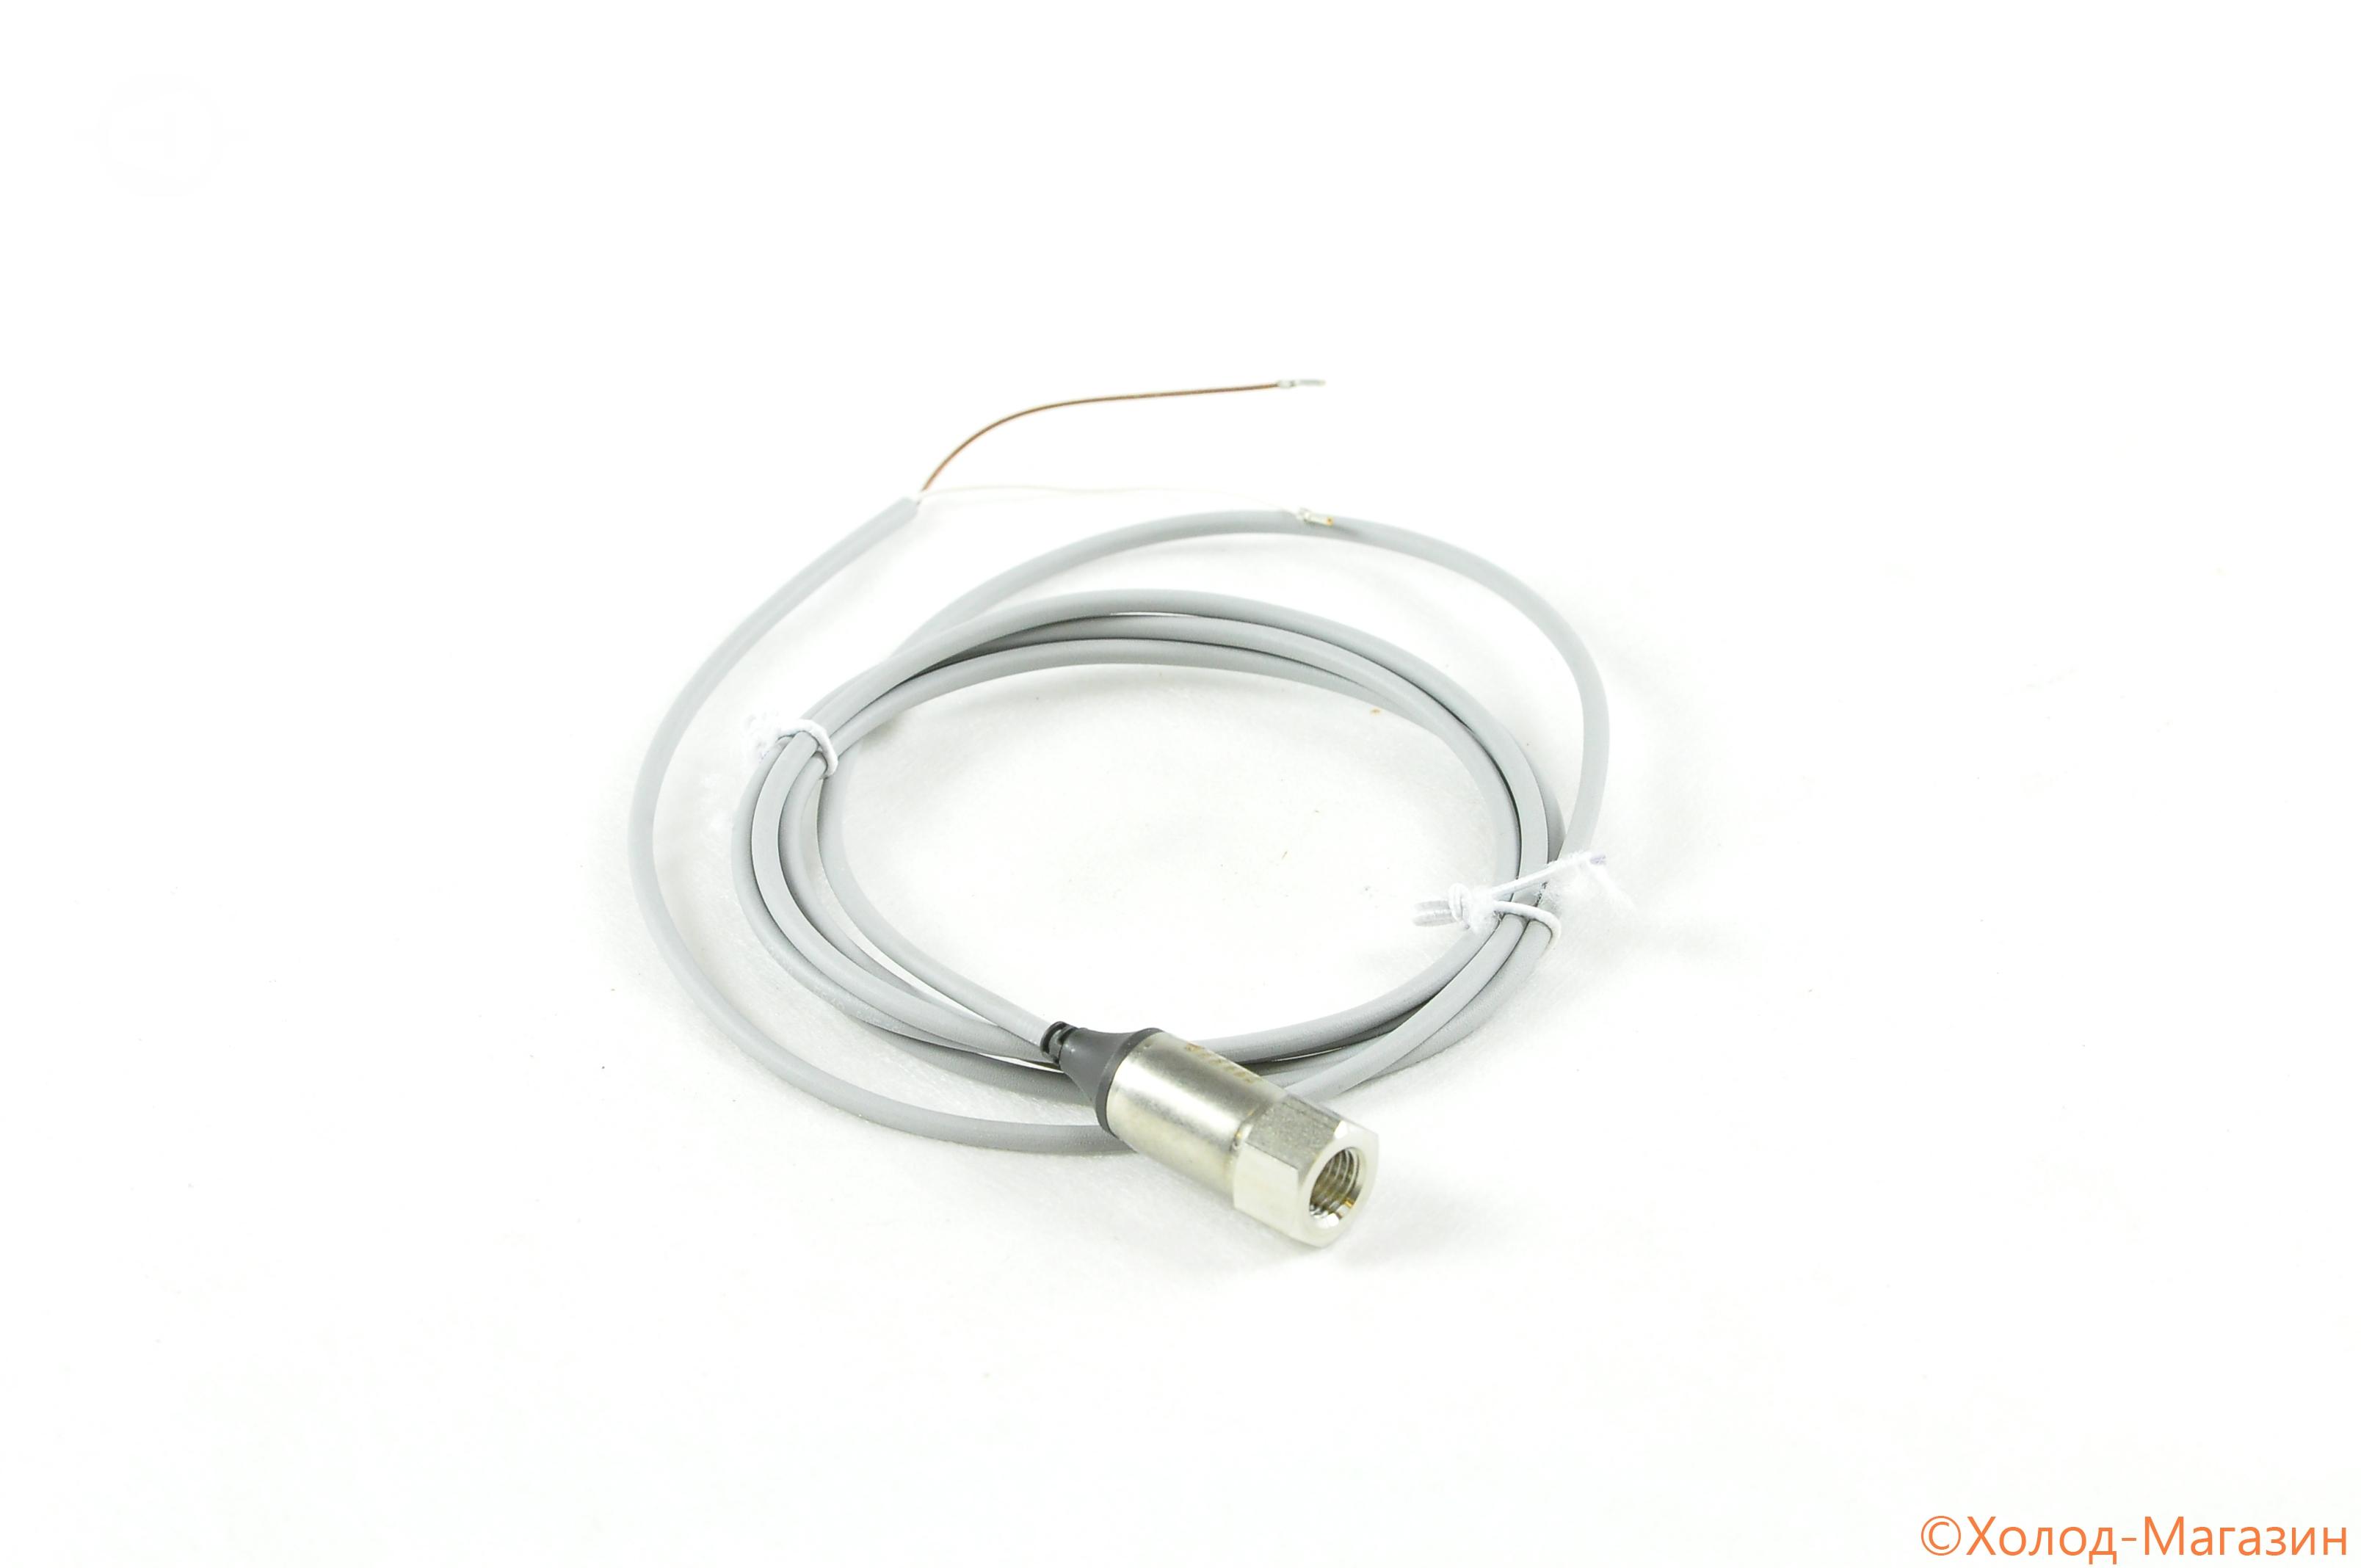 Датчик давления Dixell PP11 2,0MT PVC KLR -0,5+11 BAR REL FE 4...20mA